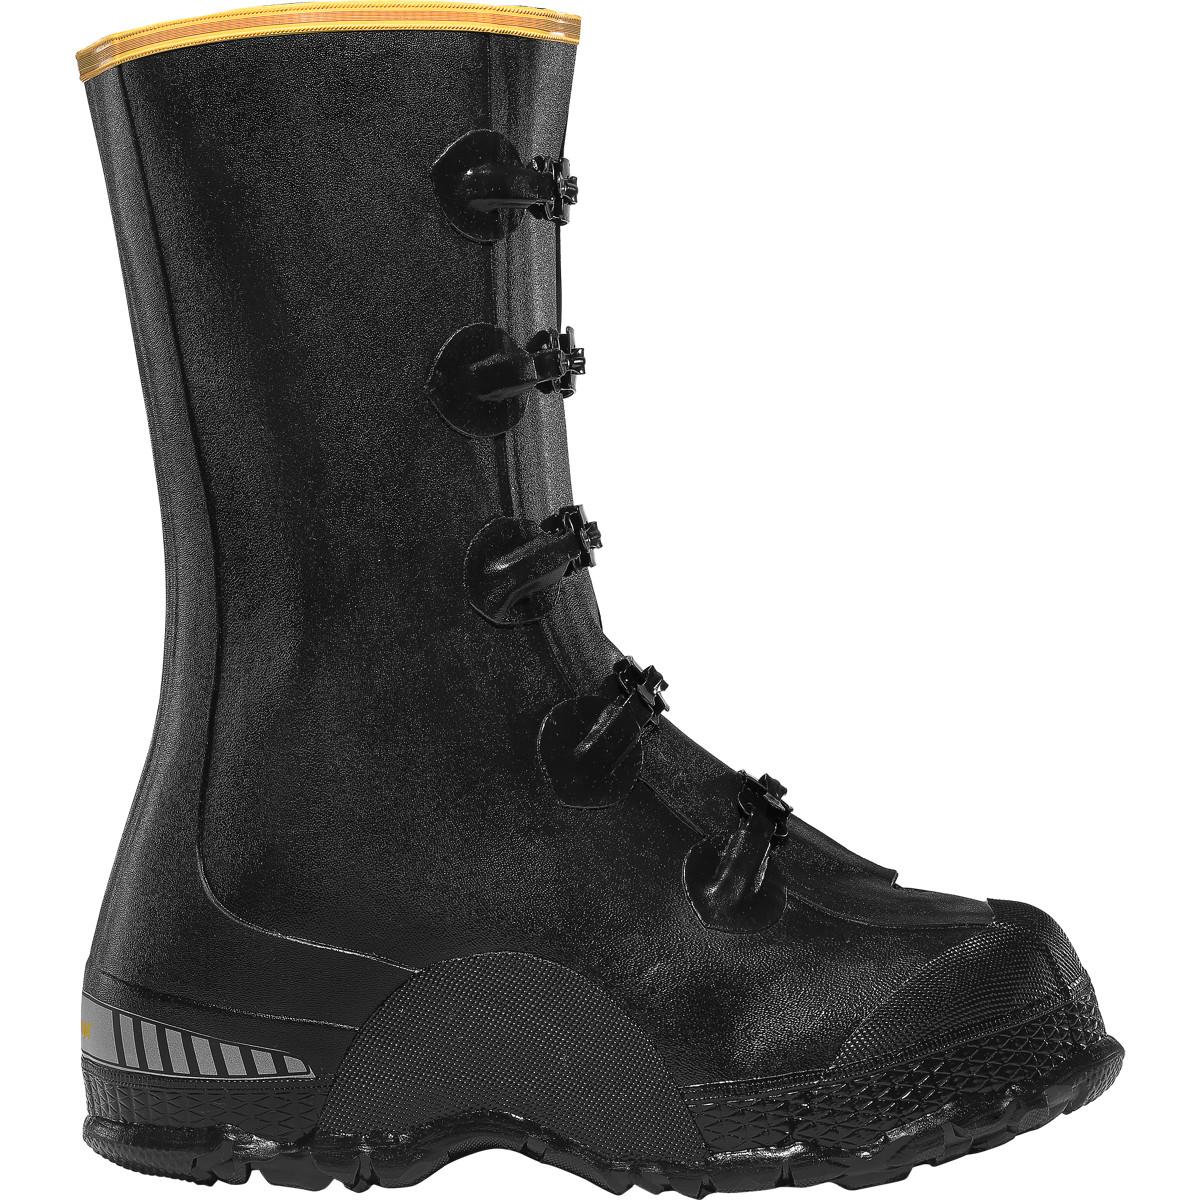 6490c7a6b39ccf LaCrosse Footwear - ZXT Buckle Overshoe Deep Heel 14